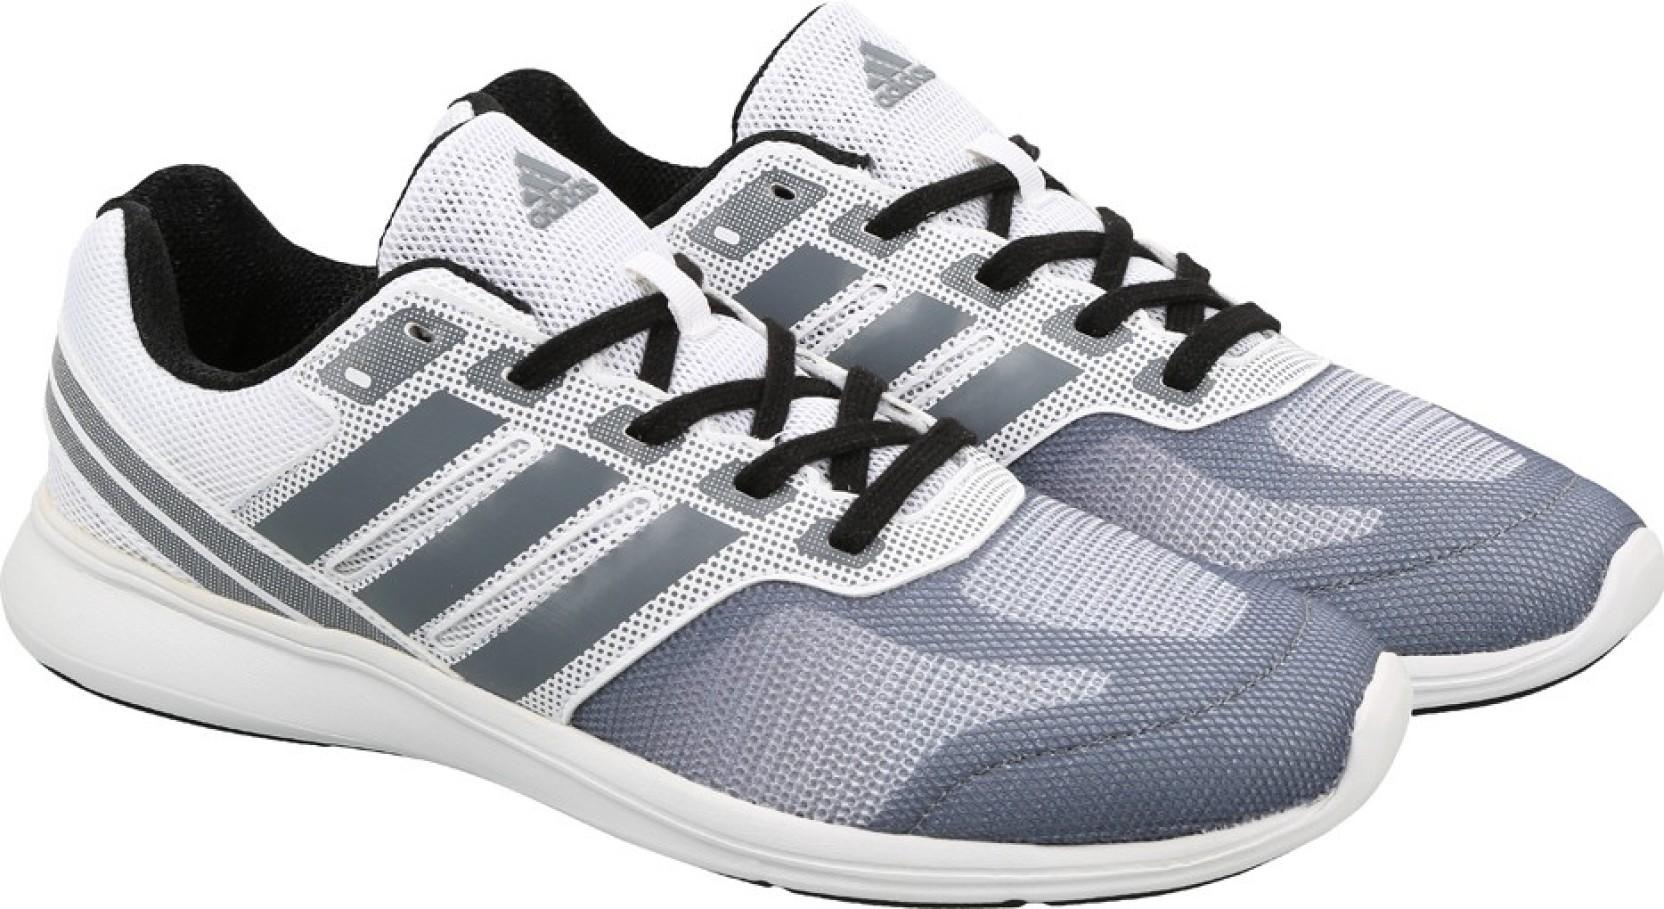 Adidas White Shoes India